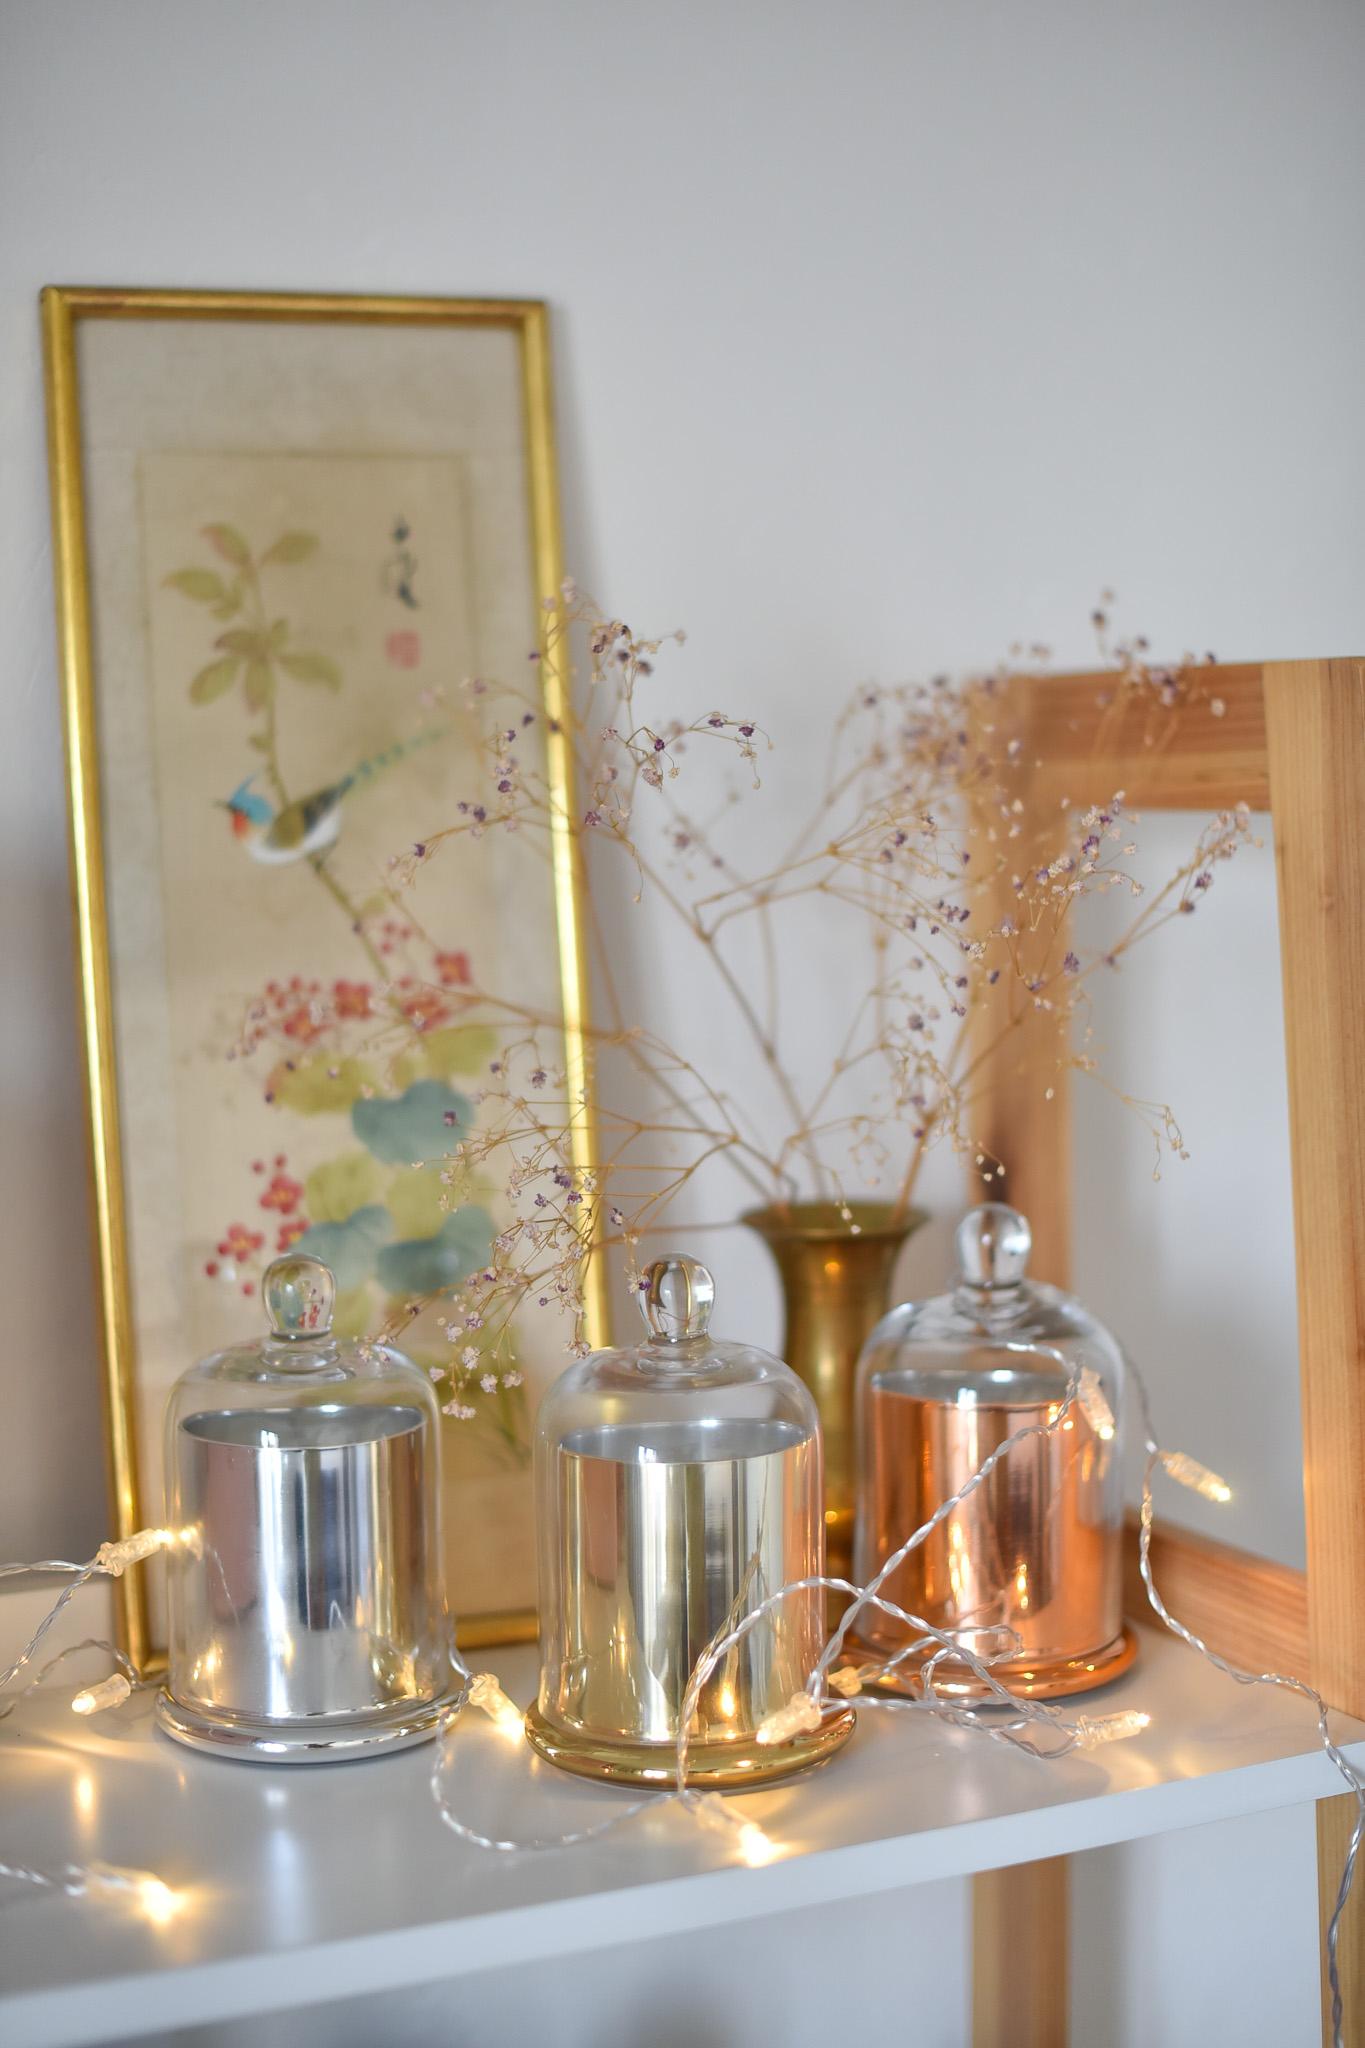 idees cadeaux de noel bougies devineau